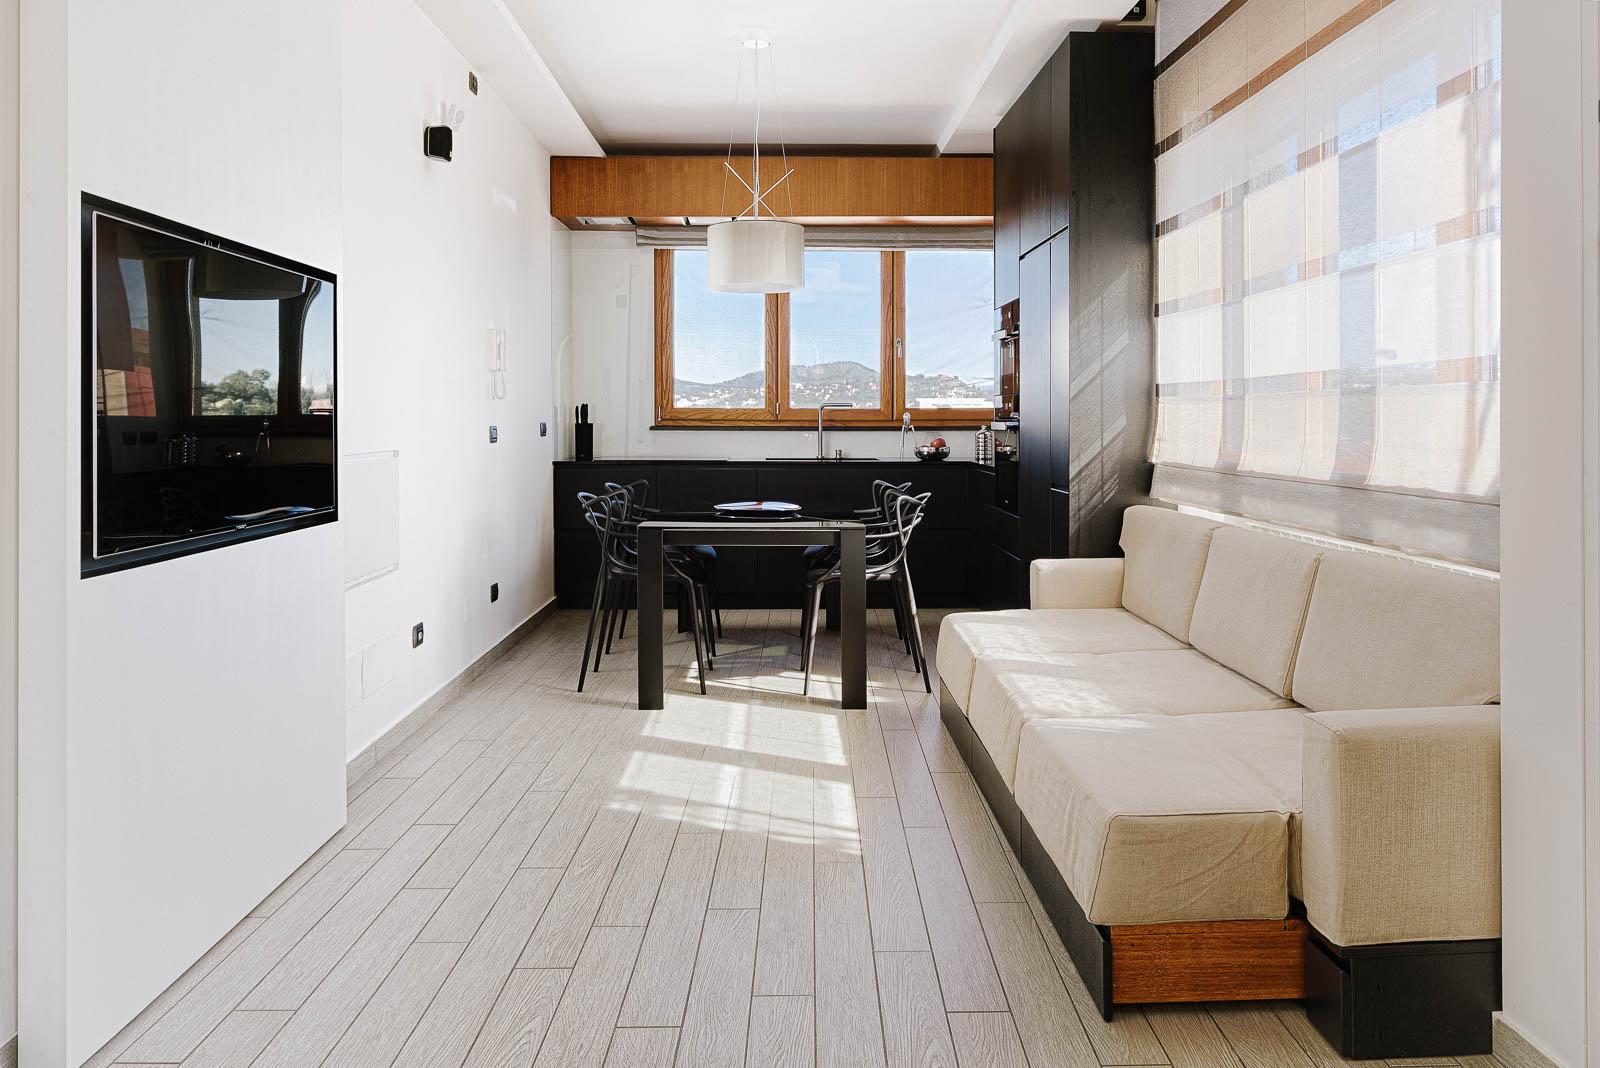 fotografia architettura di interni napoli